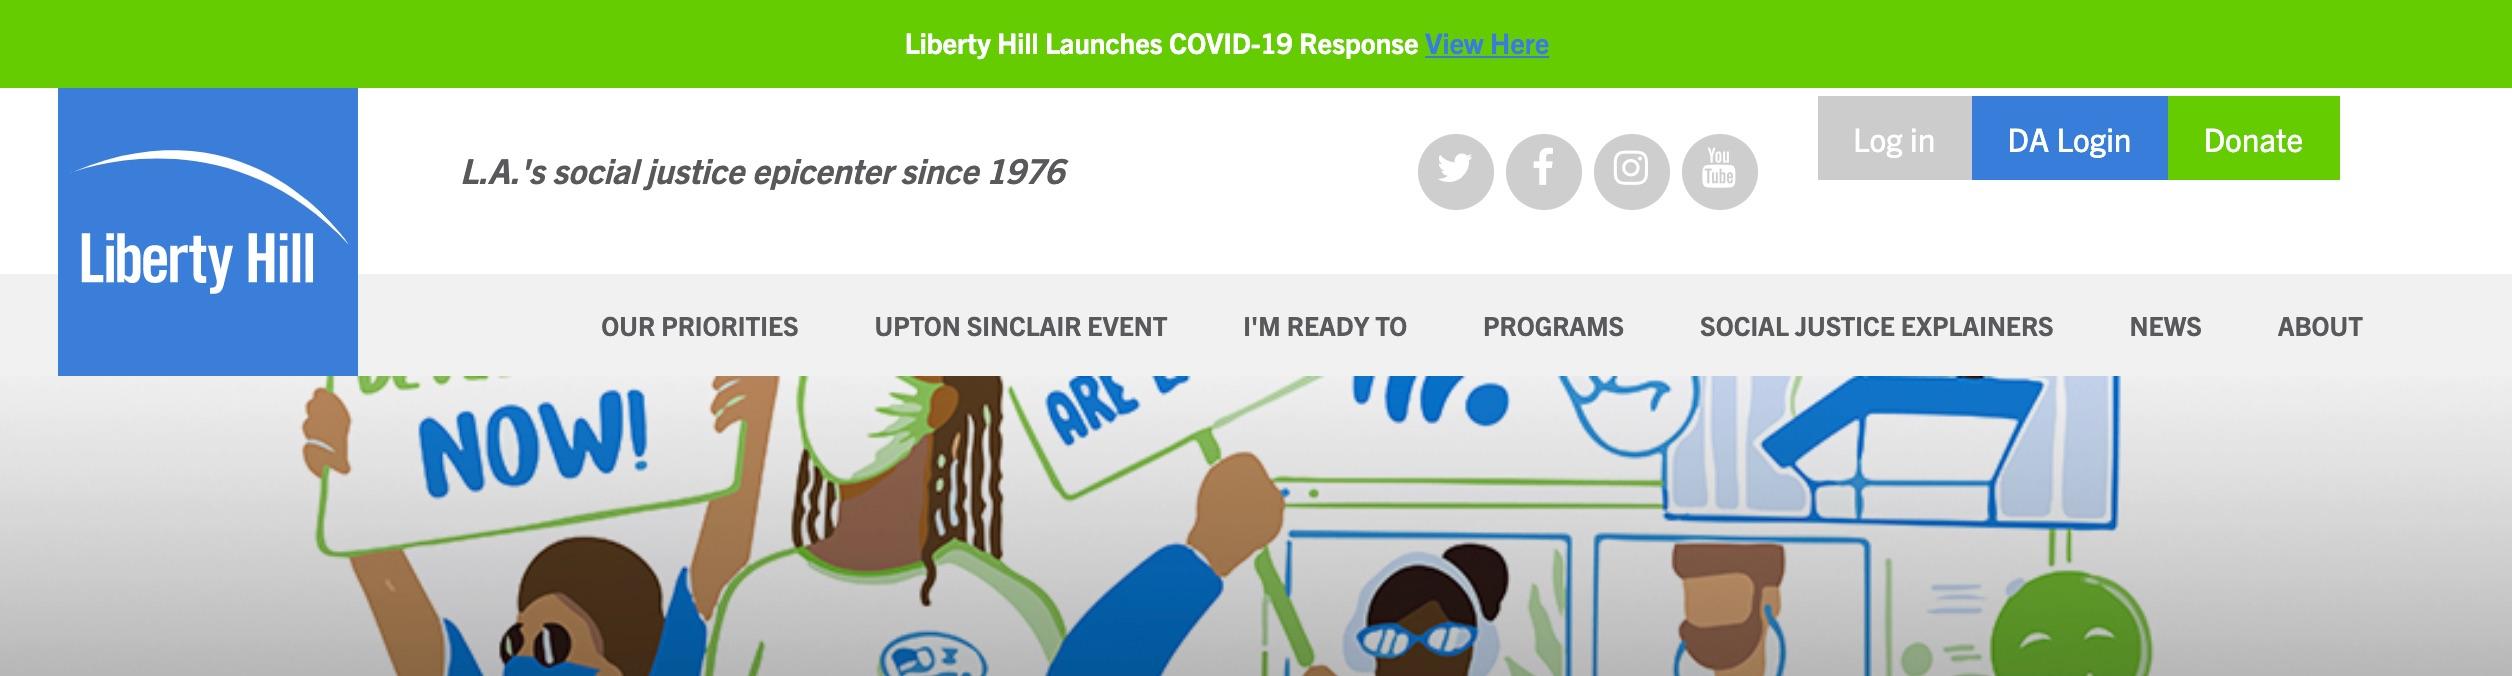 Liberty Hill nav bar